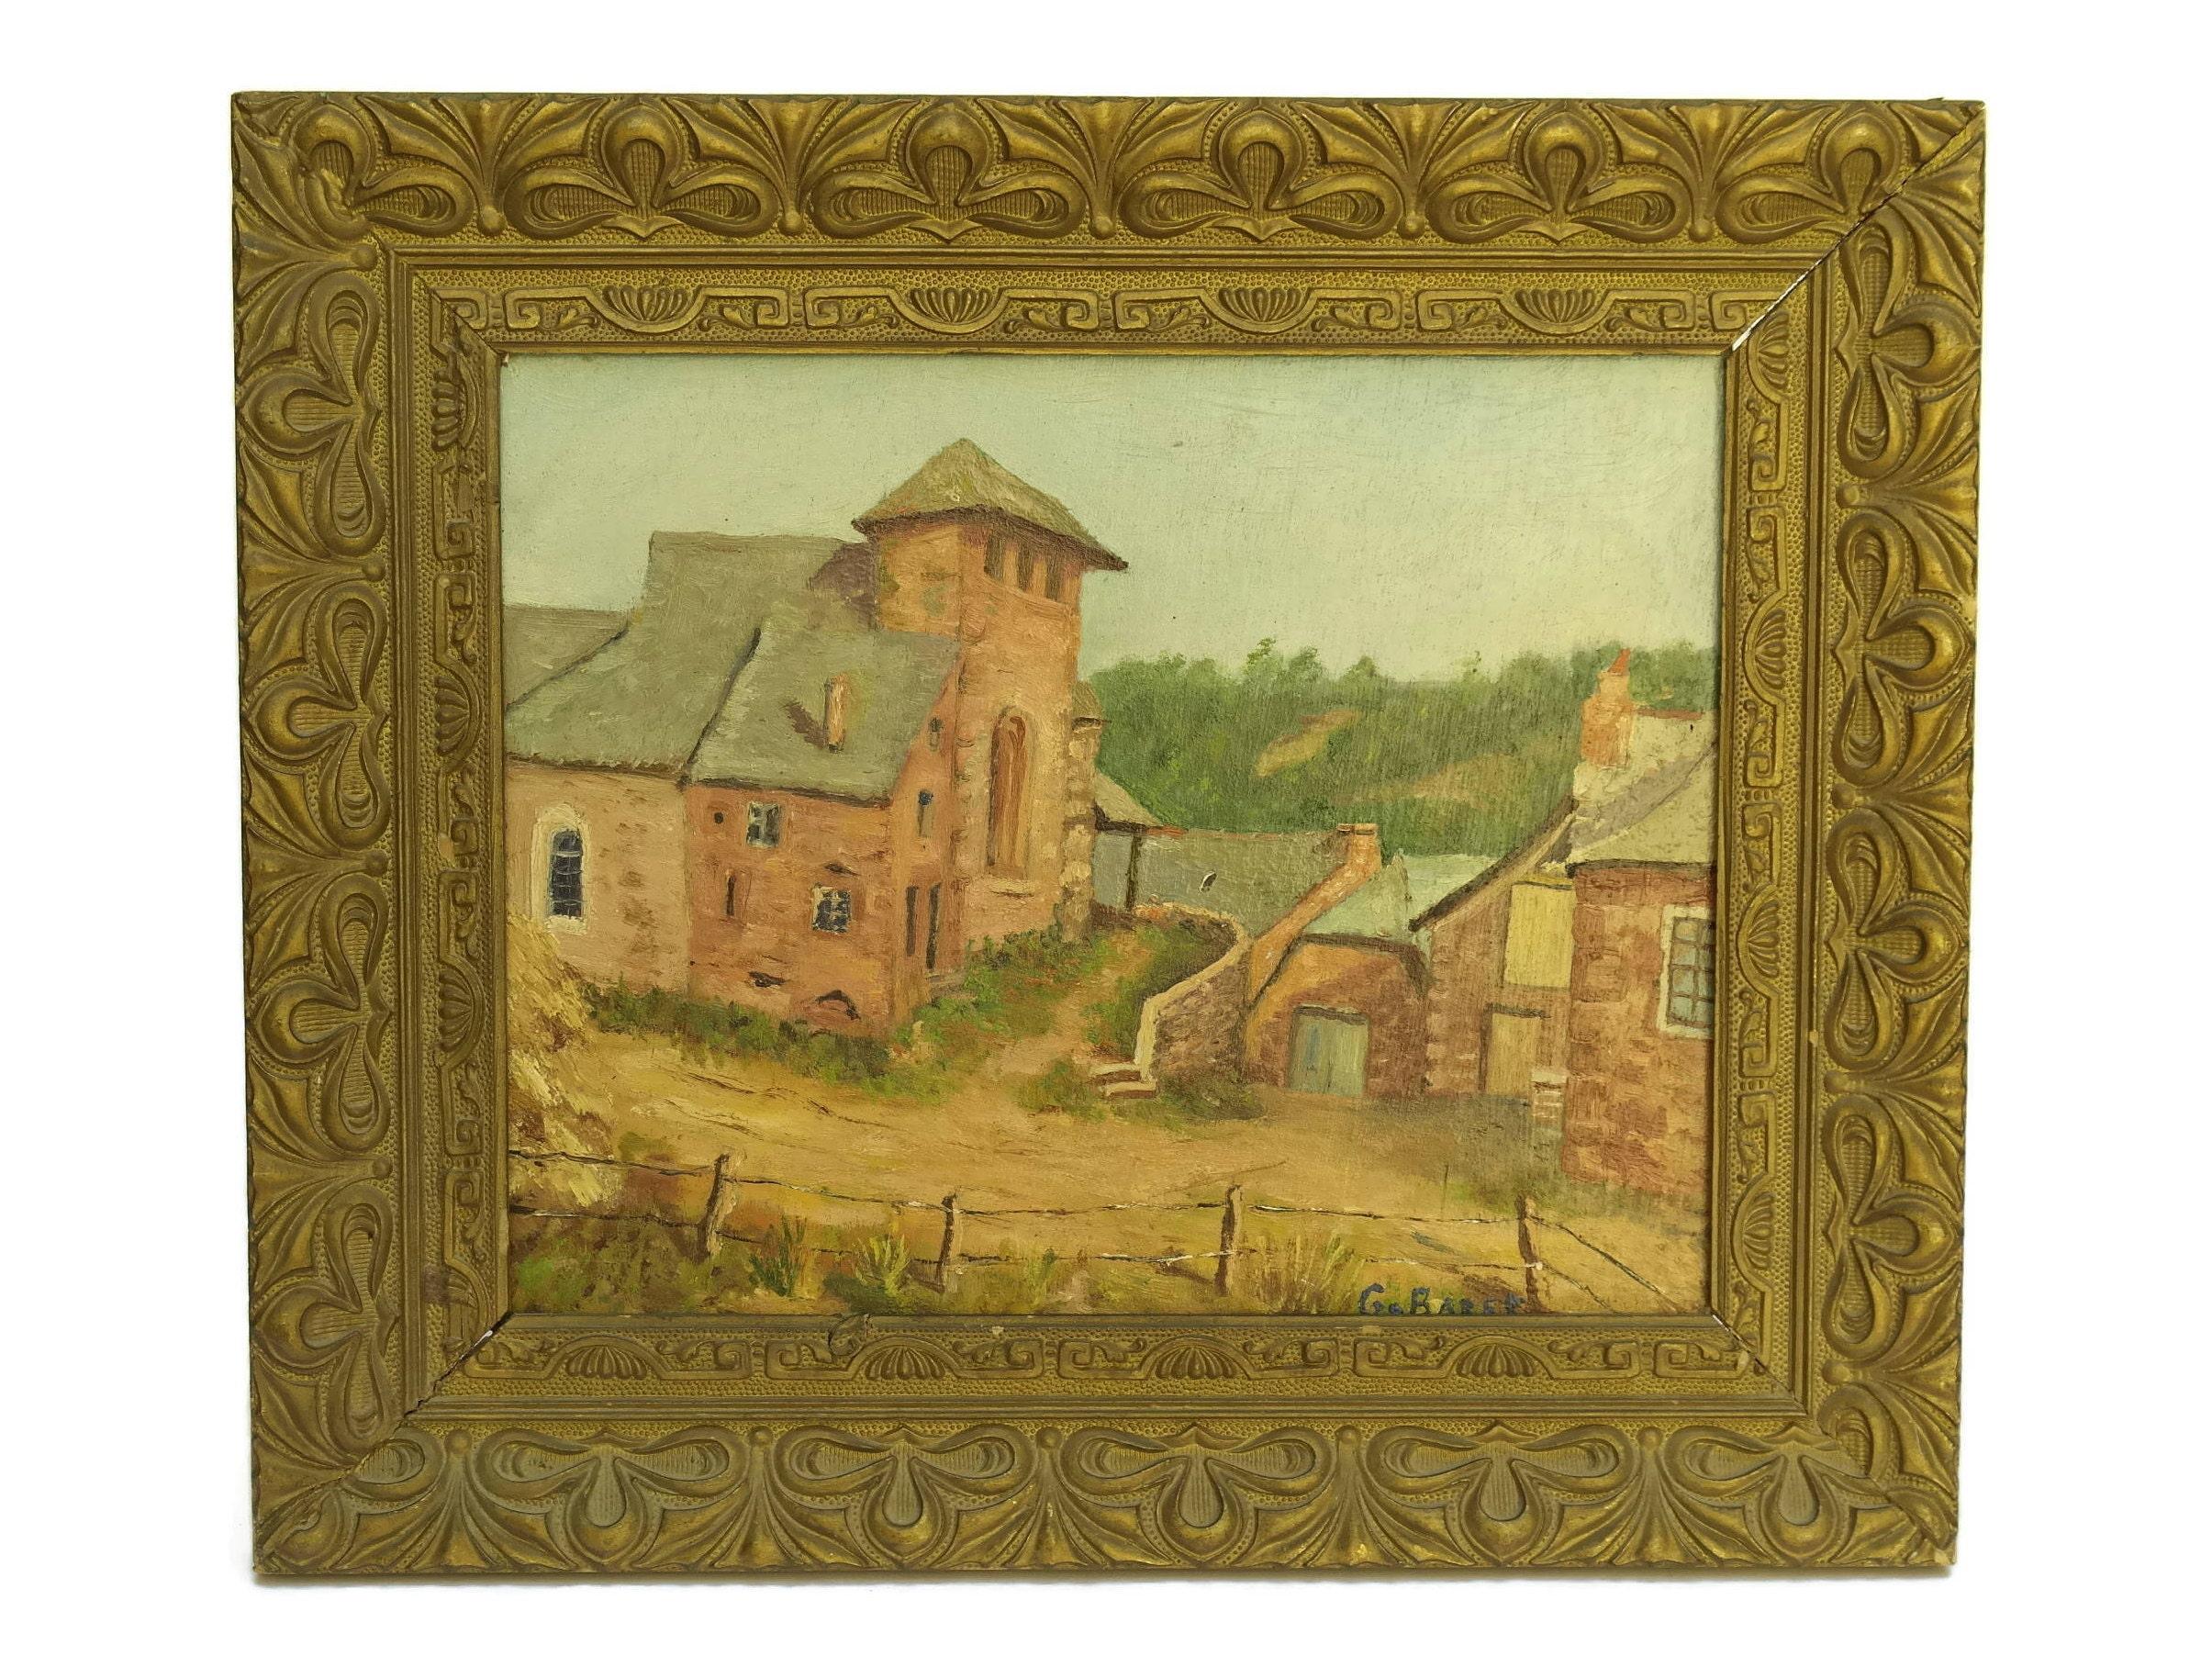 Französisch Bauernhaus Malerei Mousset Farm in Aveyron von | Etsy